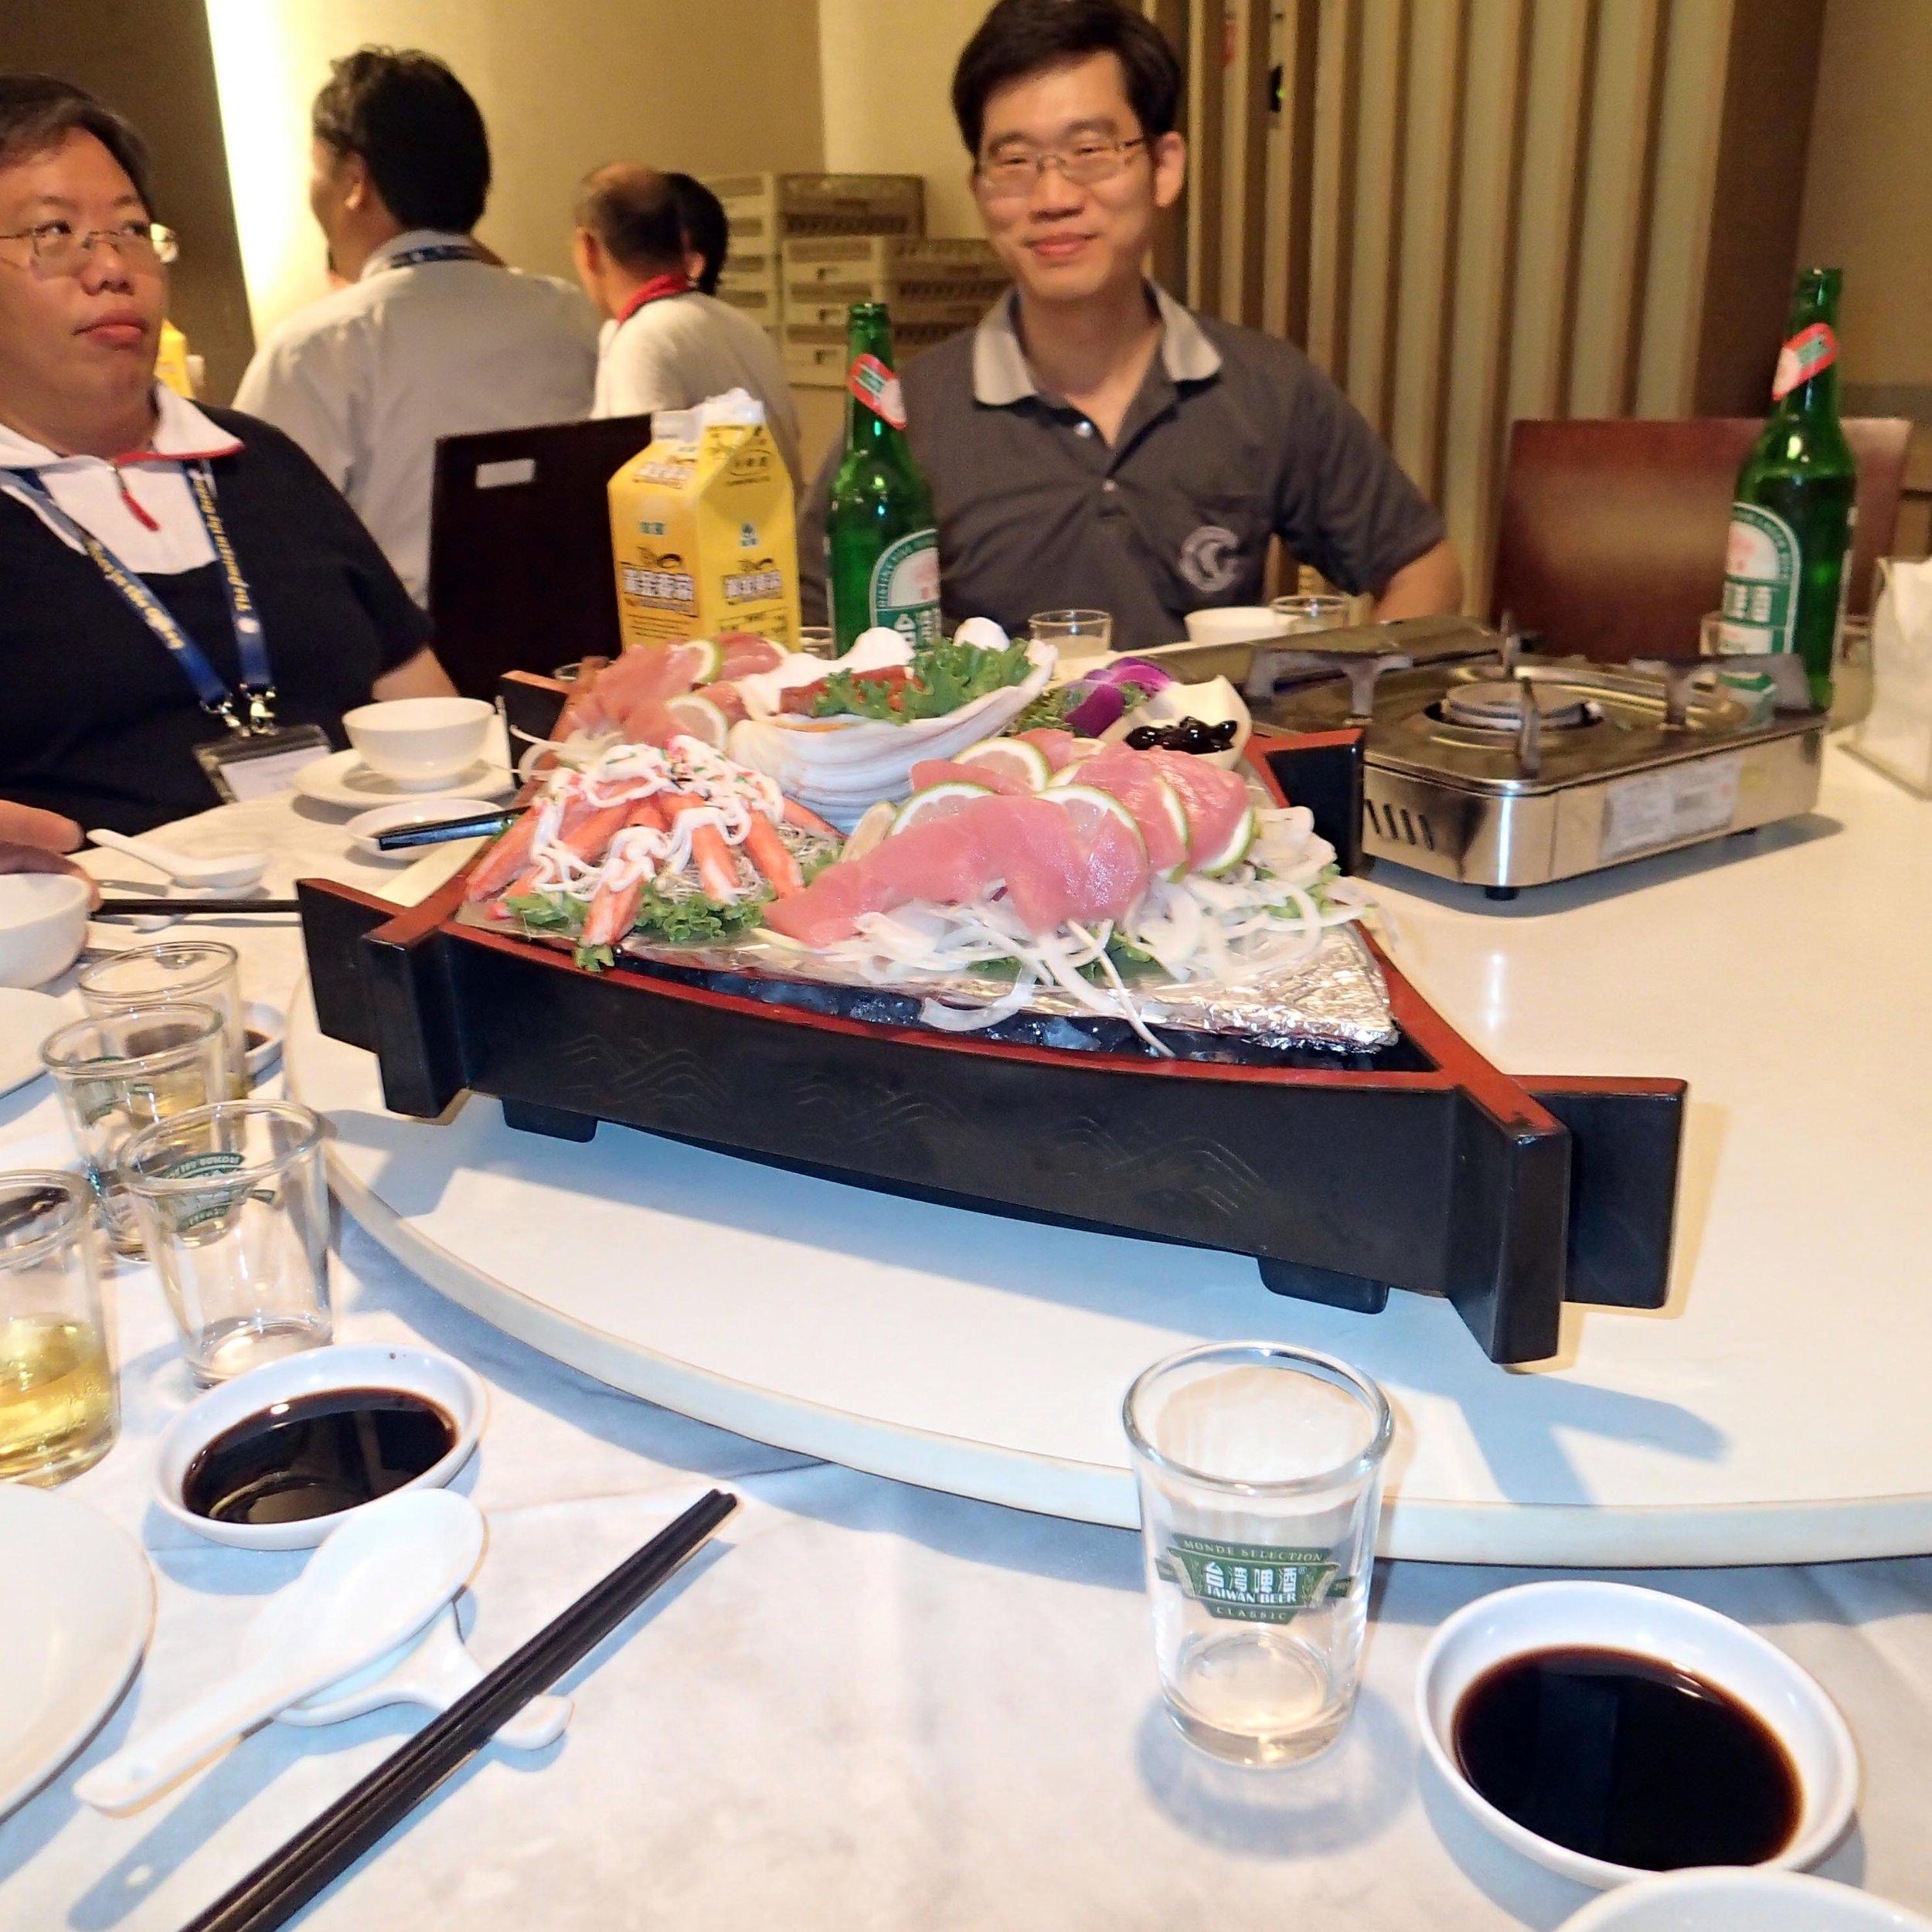 4 Seasons sashimi.jpg